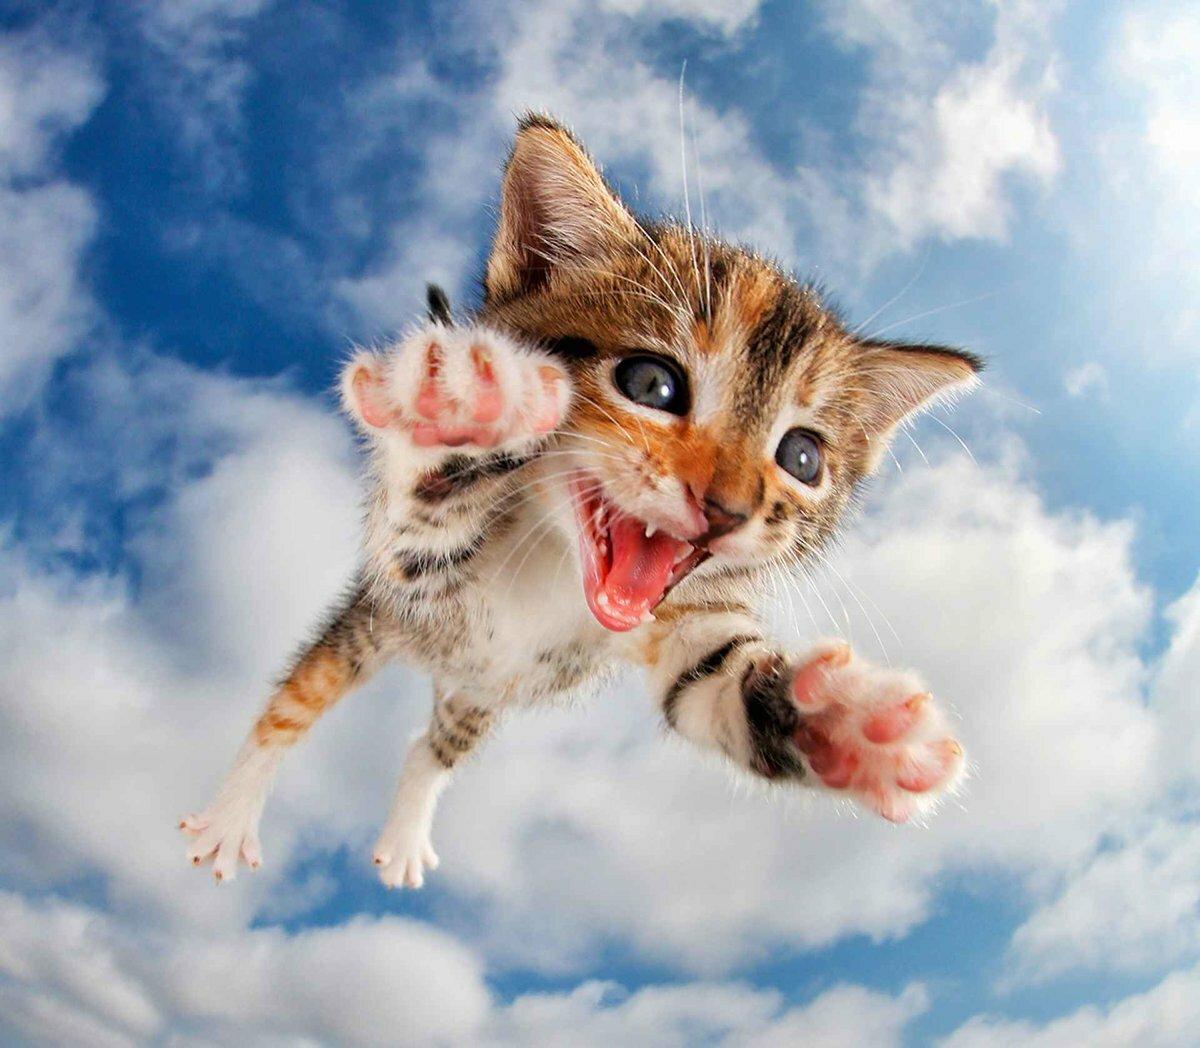 Смешные, картинки с котятами прикольные фото